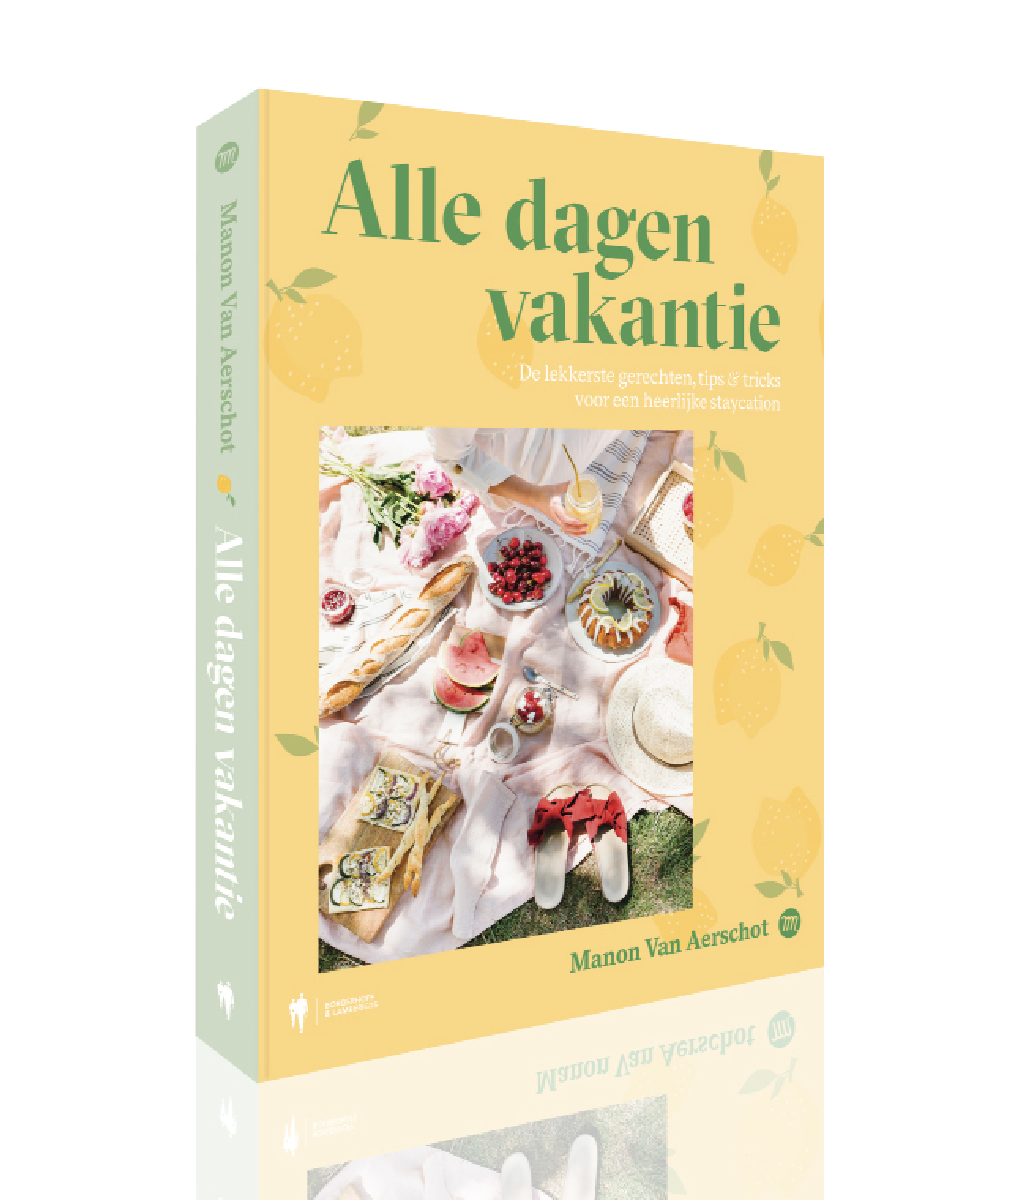 Reserveer een exemplaar van mijn tweede kookboek: Alle dagen vakantie